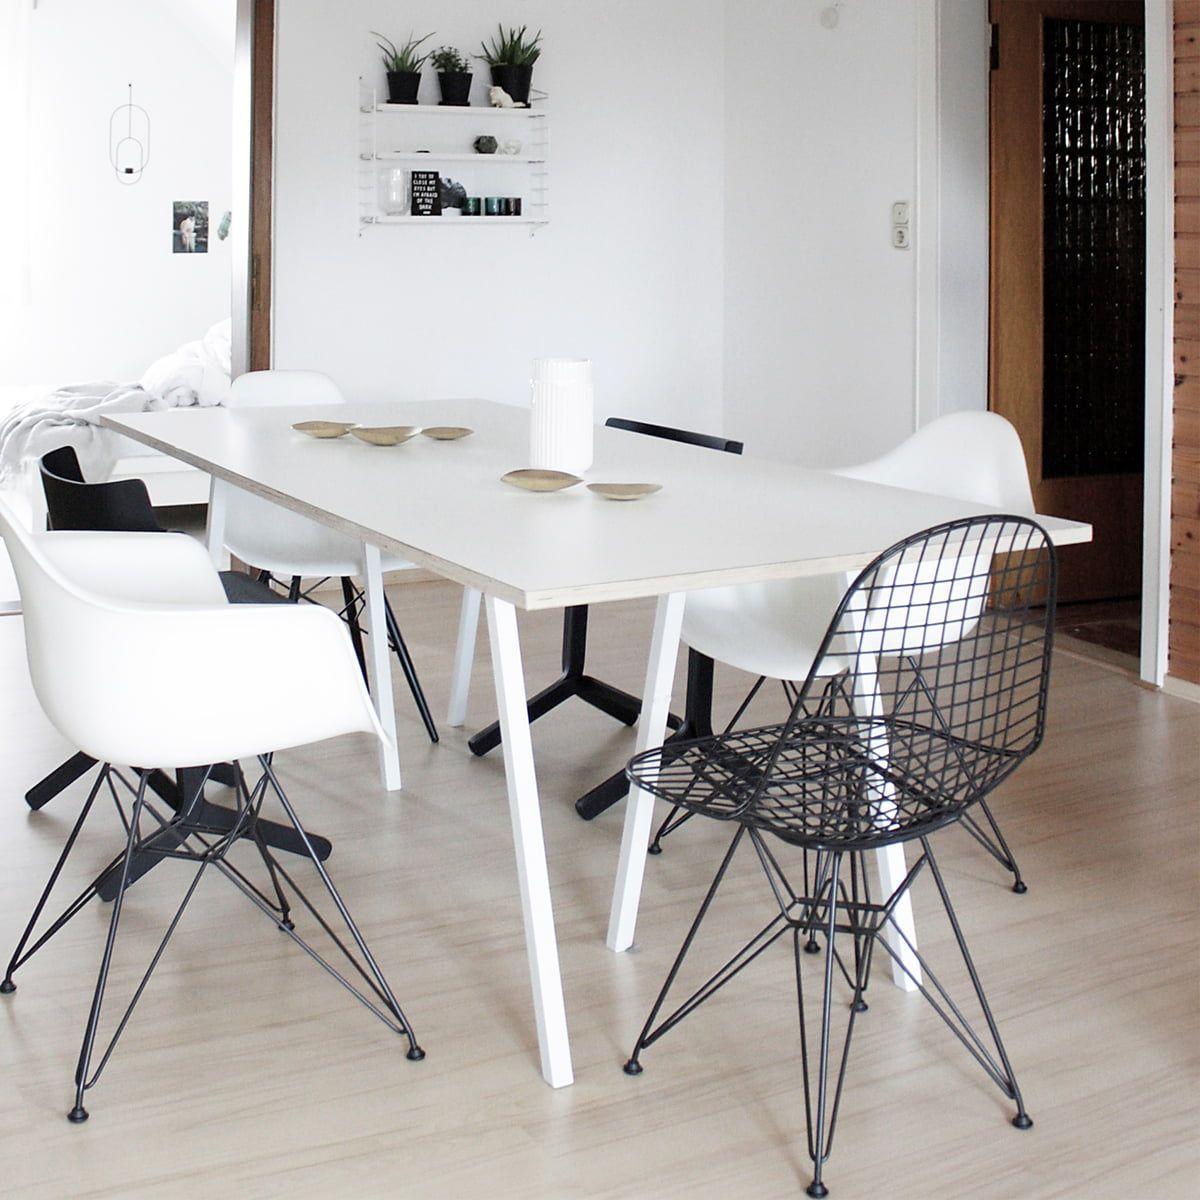 Vitra Eames Plastic Armchair Dar Verchromt Forest Filzgleiter Basic Dark Vitra Eames Plastic Armchair Dar Vit In 2020 Kuche Tisch Gebrauchte Mobel Wohn Design